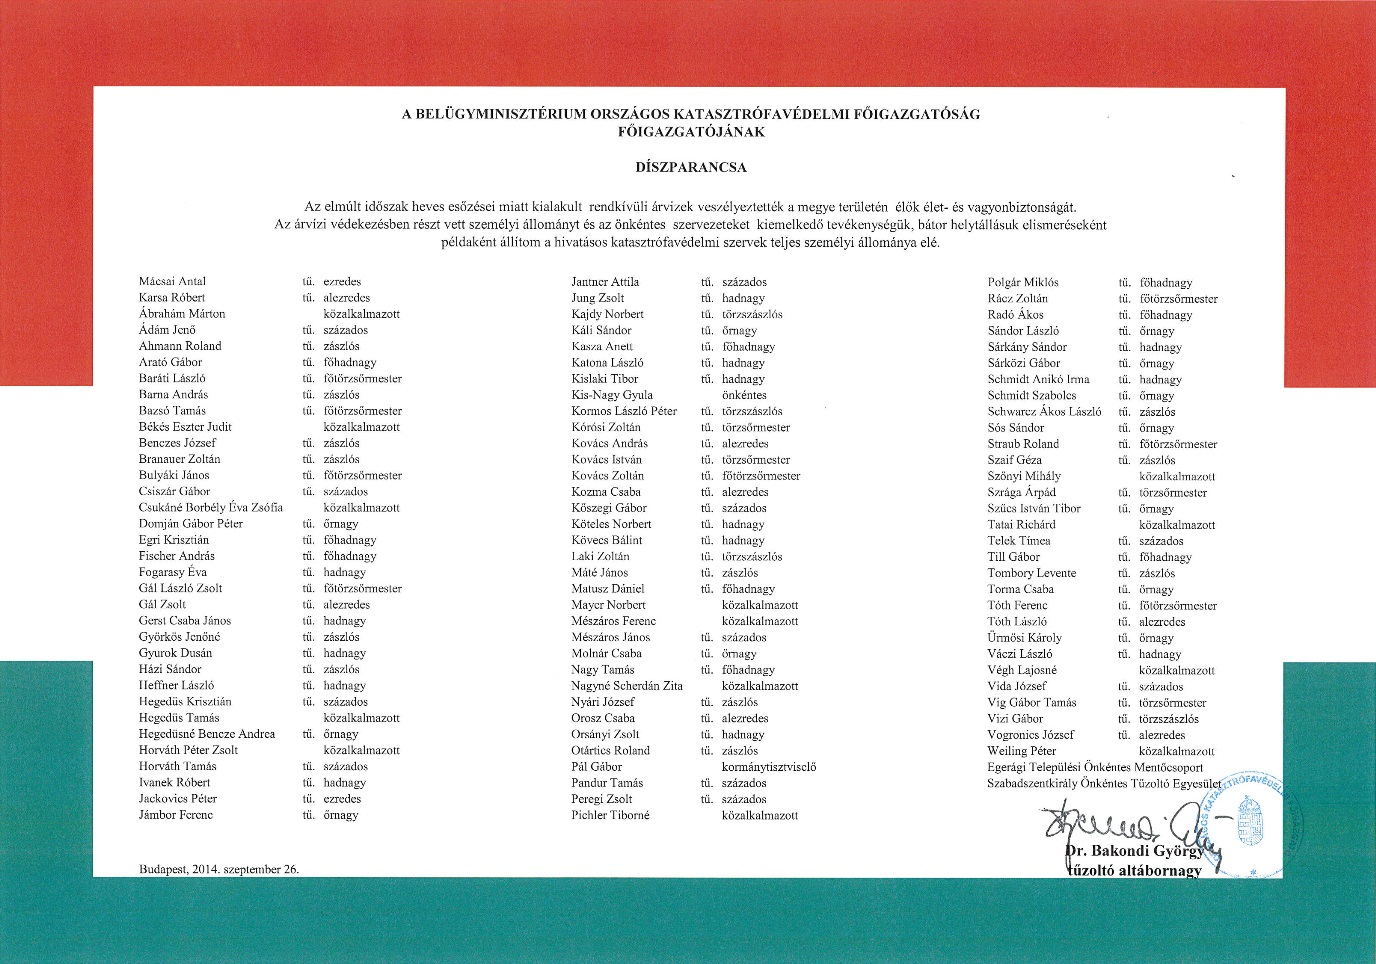 2014. szeptember 26. Baranya MKI díszparancsról készült kép, kattintásra nagyítható